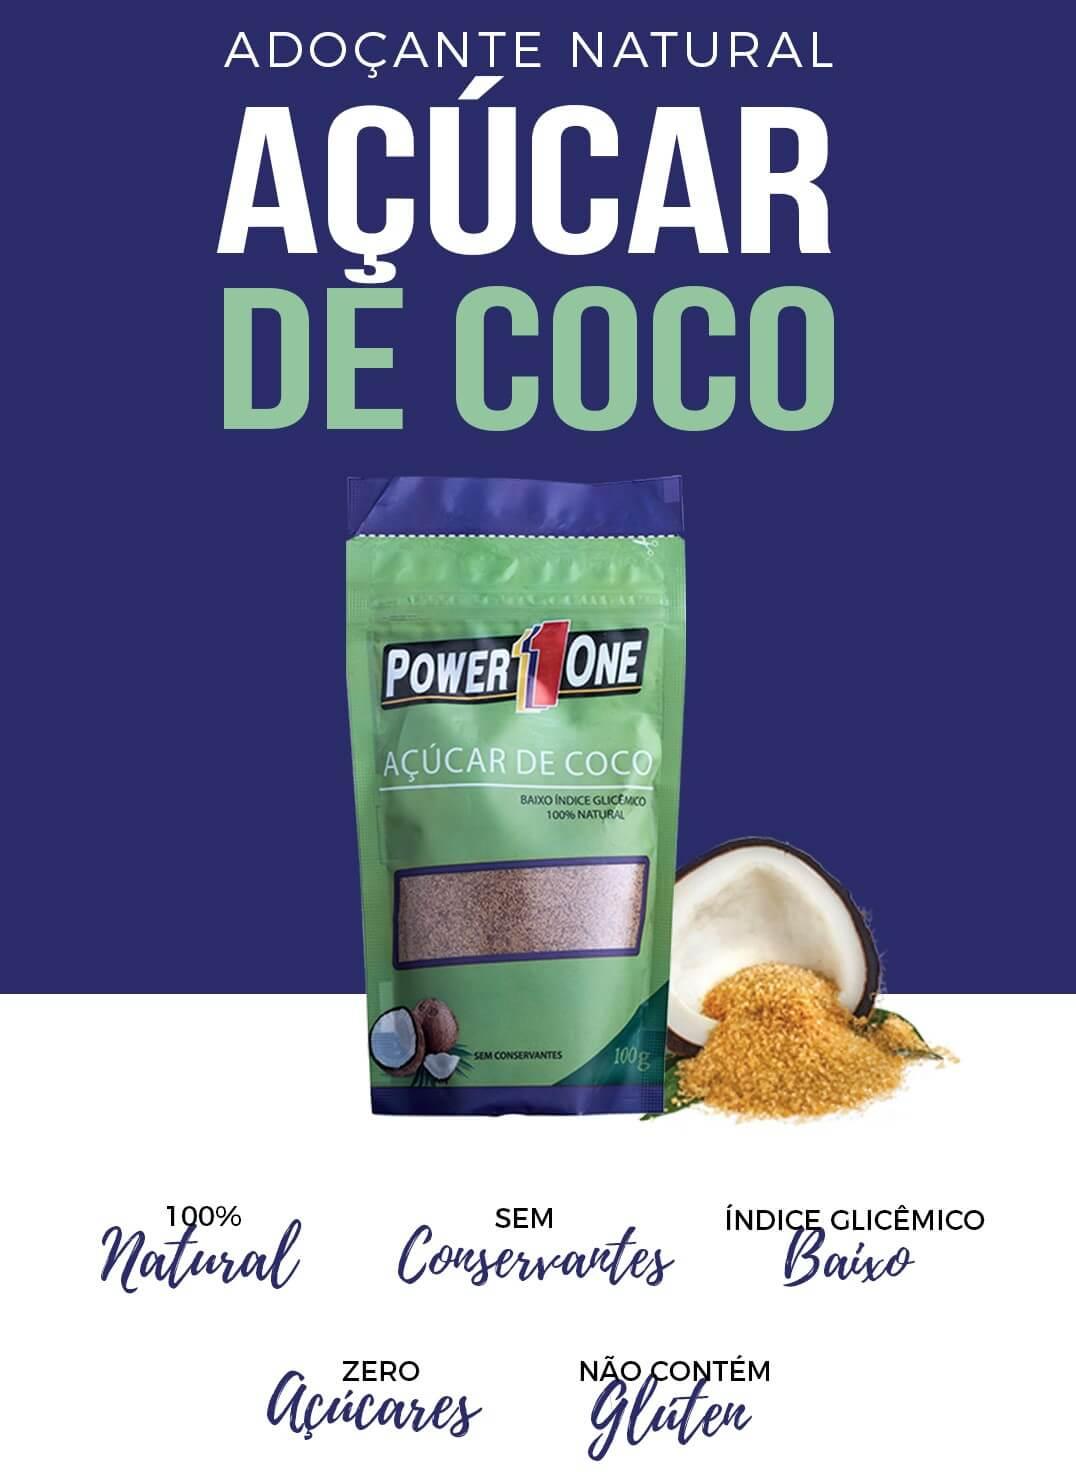 ADOÇANTE NATURAL AÇÚCAR DE COCO 100g